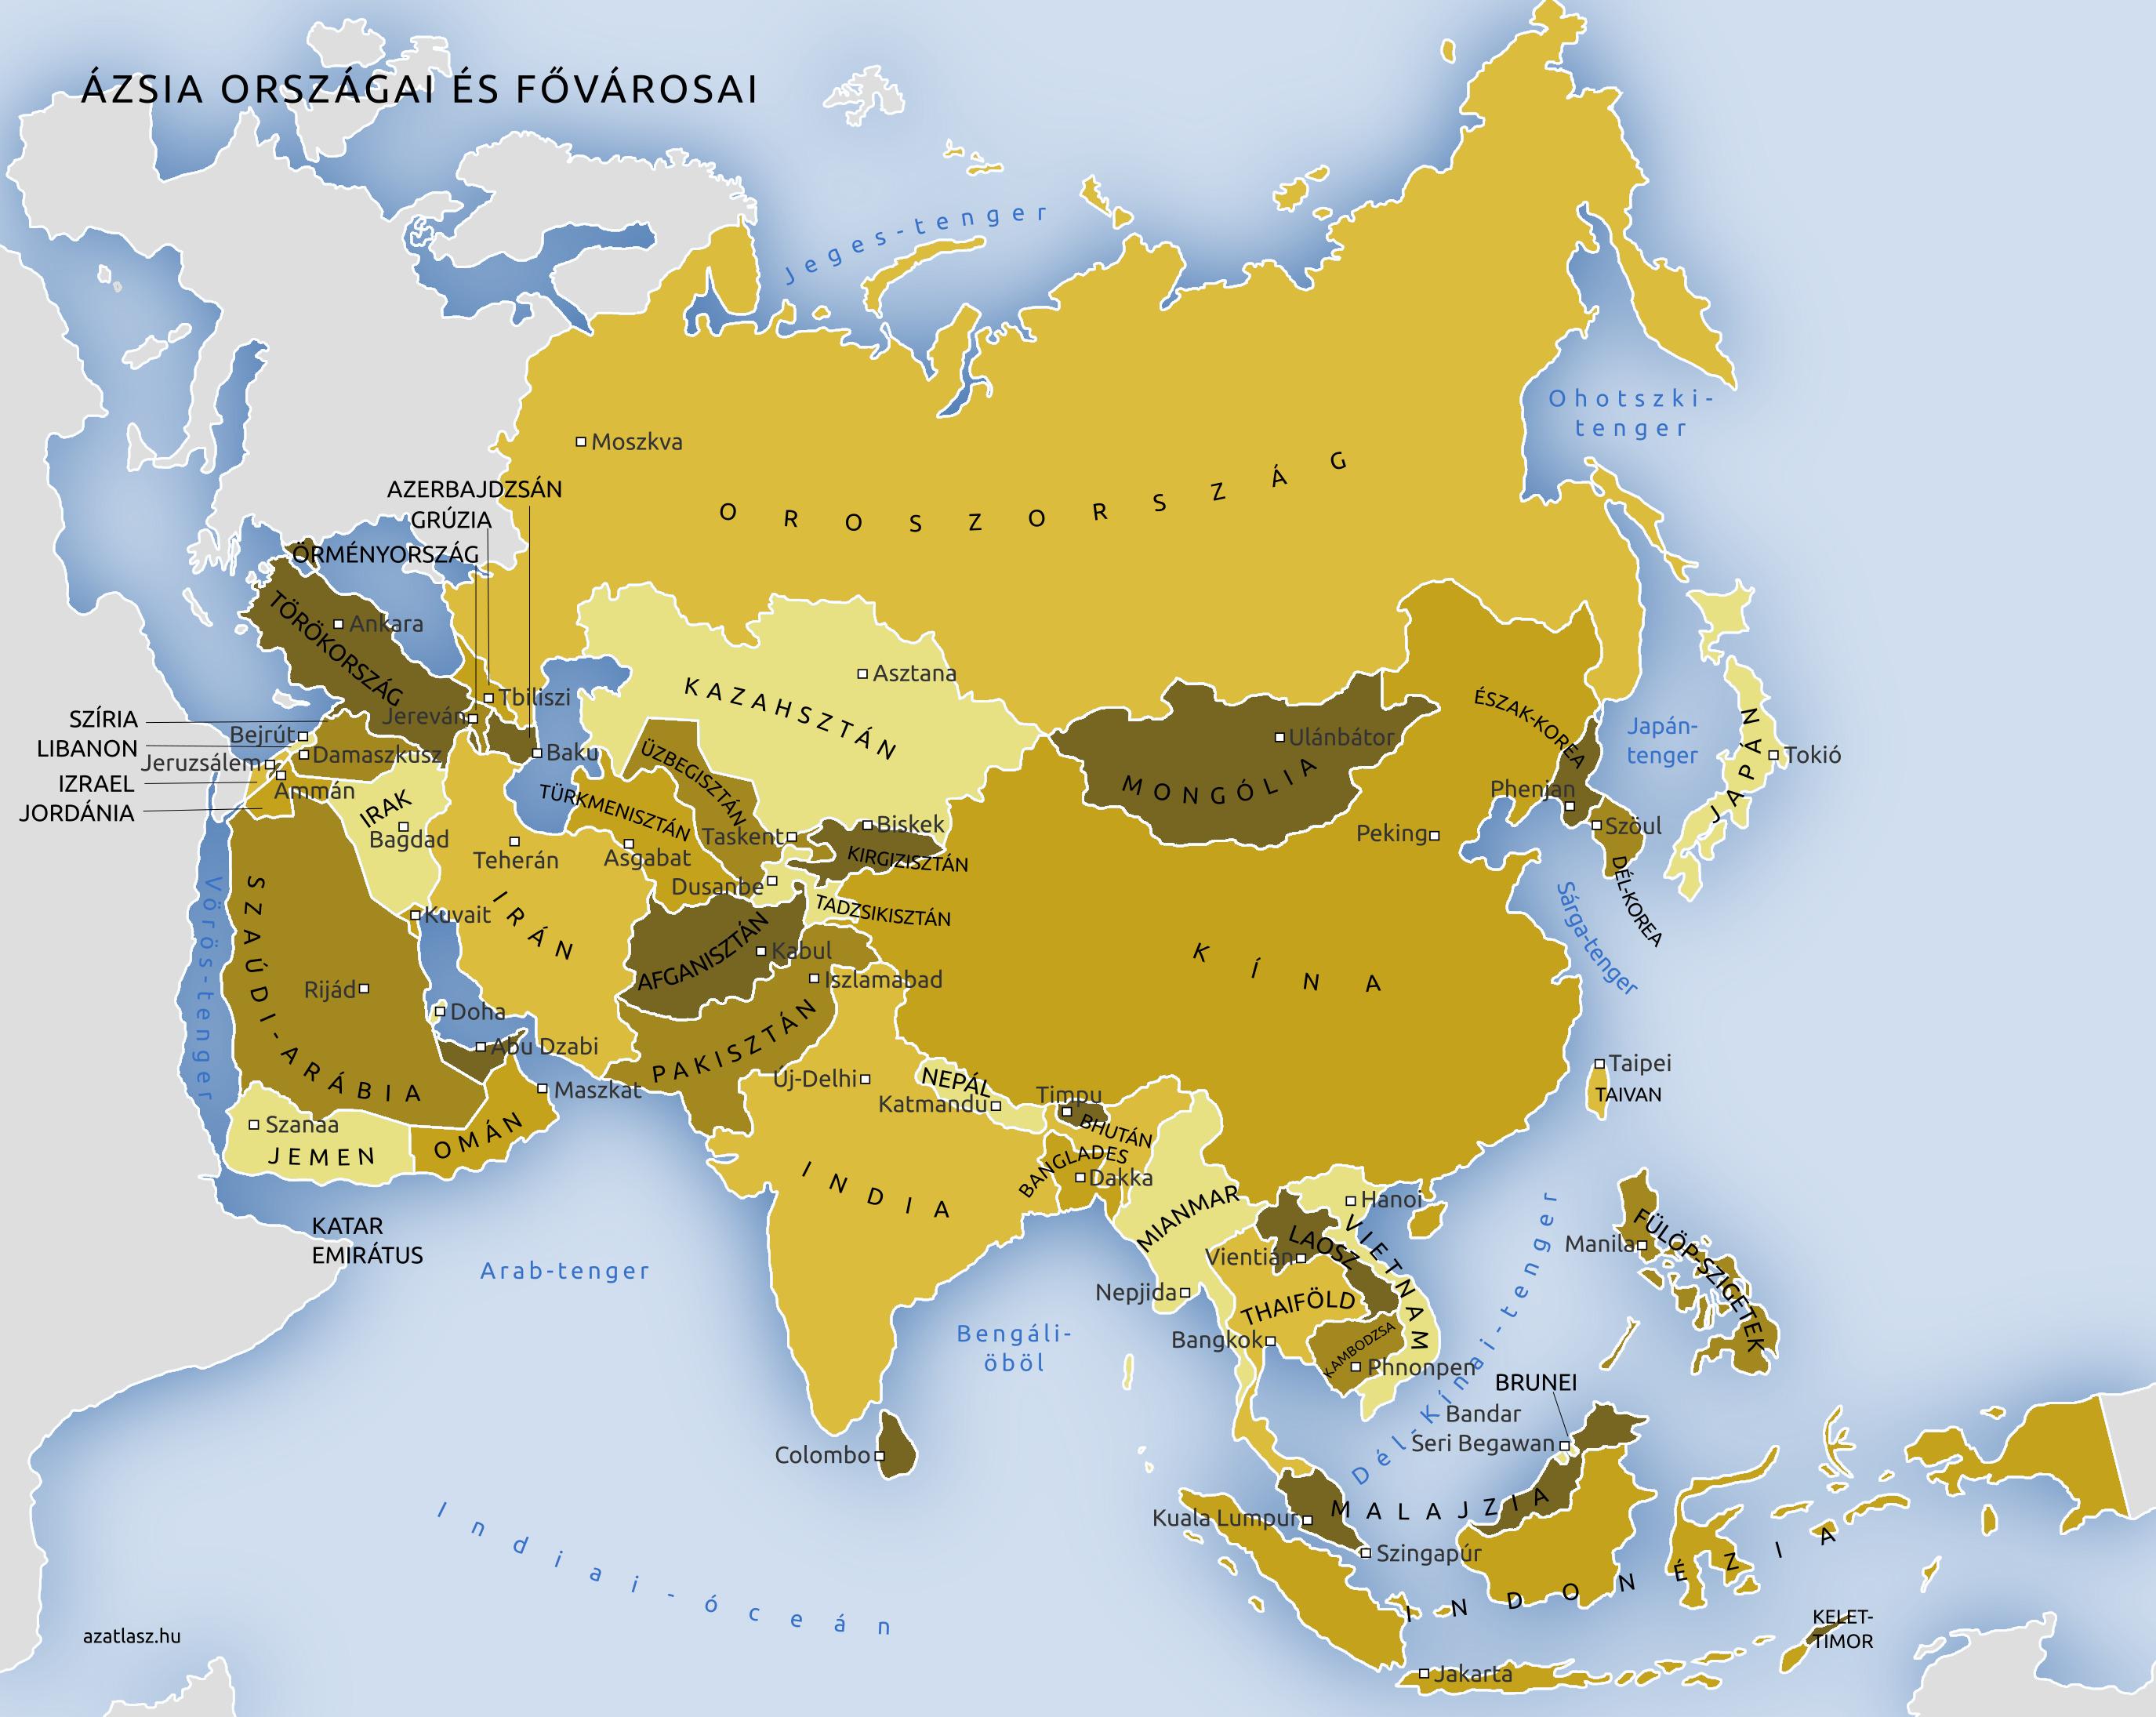 délkelet ázsia térkép Ázsia országai és fővárosai térkép délkelet ázsia térkép